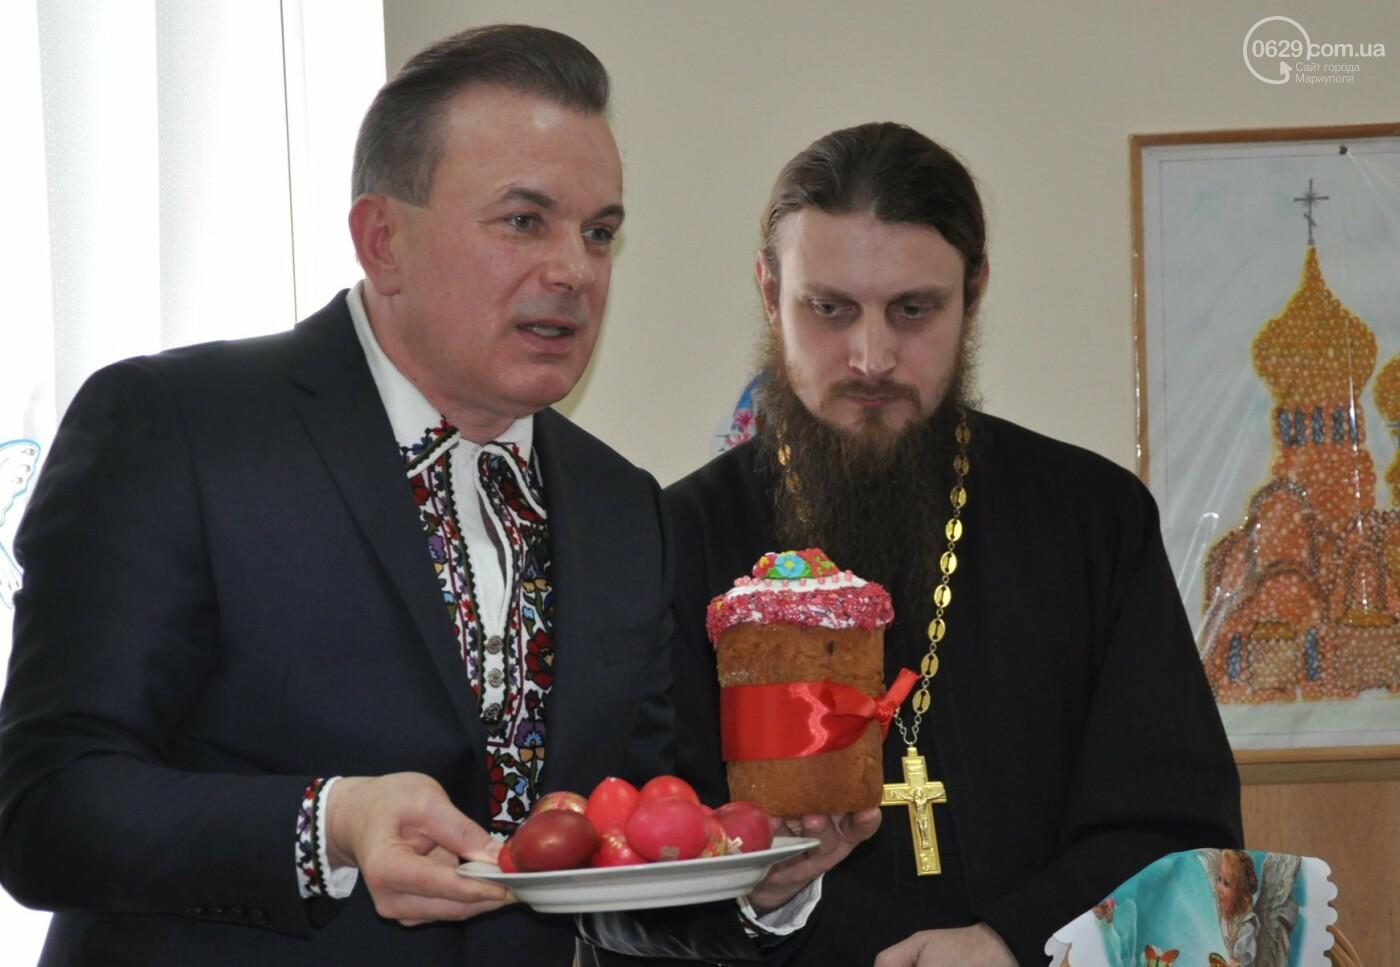 В воскресной школе с.Боевое воспитанники готовятся к празднику Пасхи, фото-1